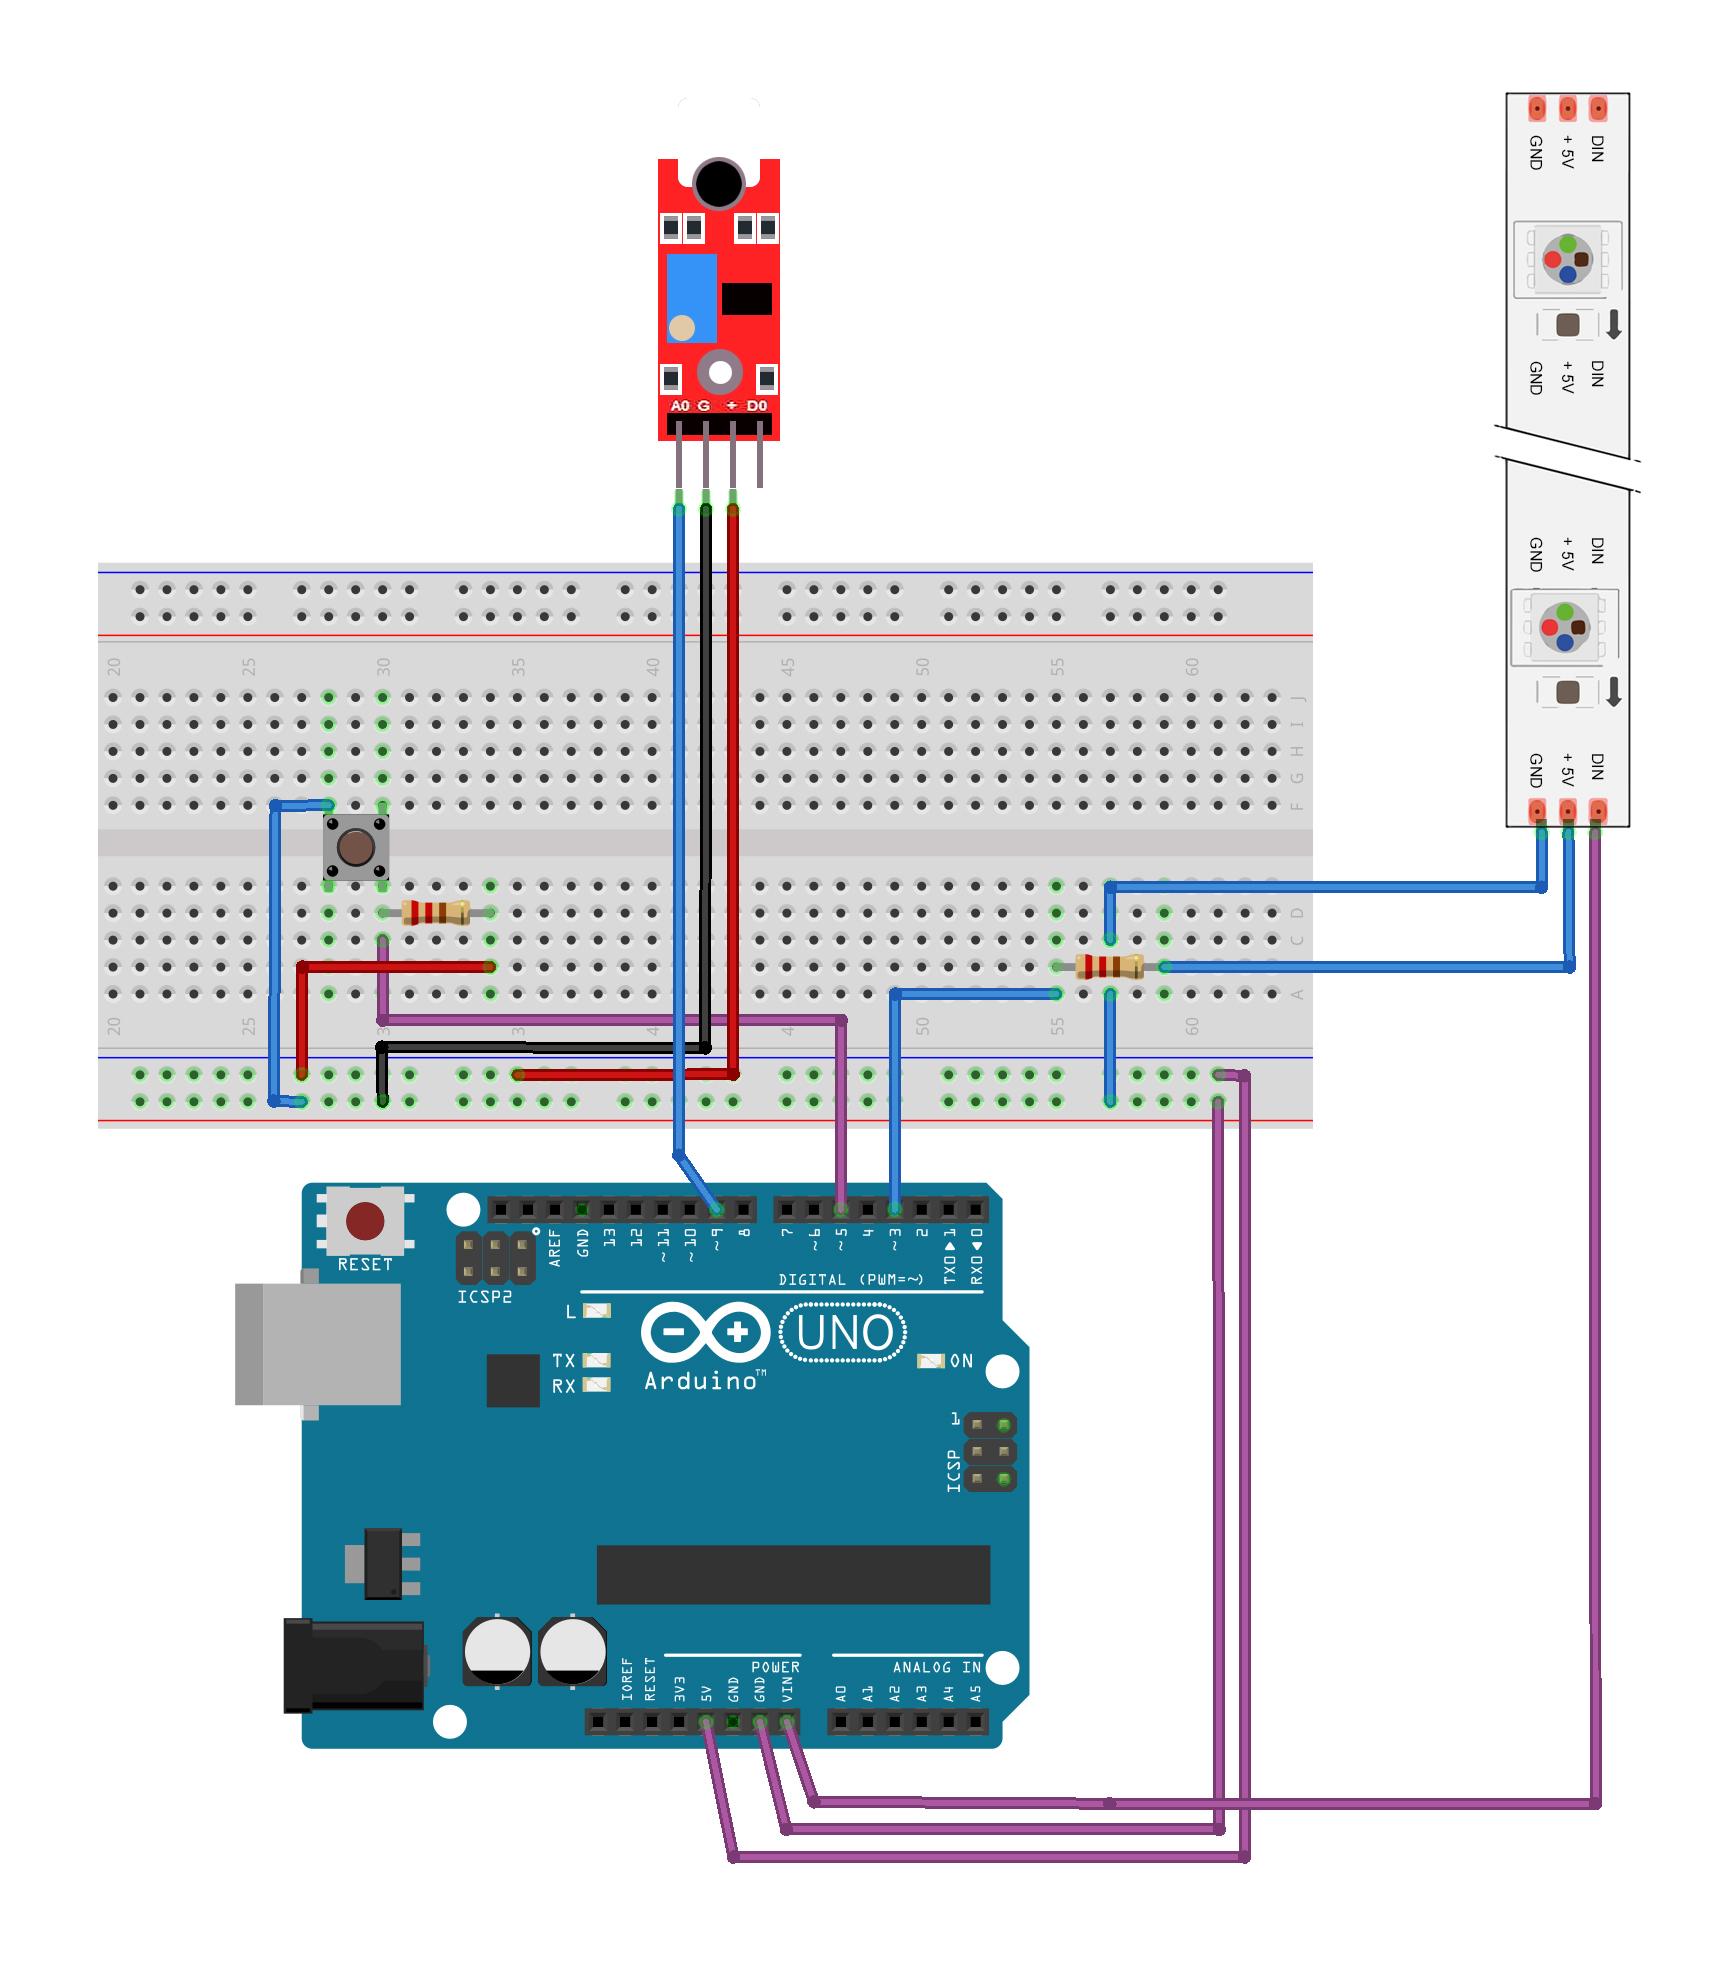 Proyecto arduino sketch f61rwpprgu